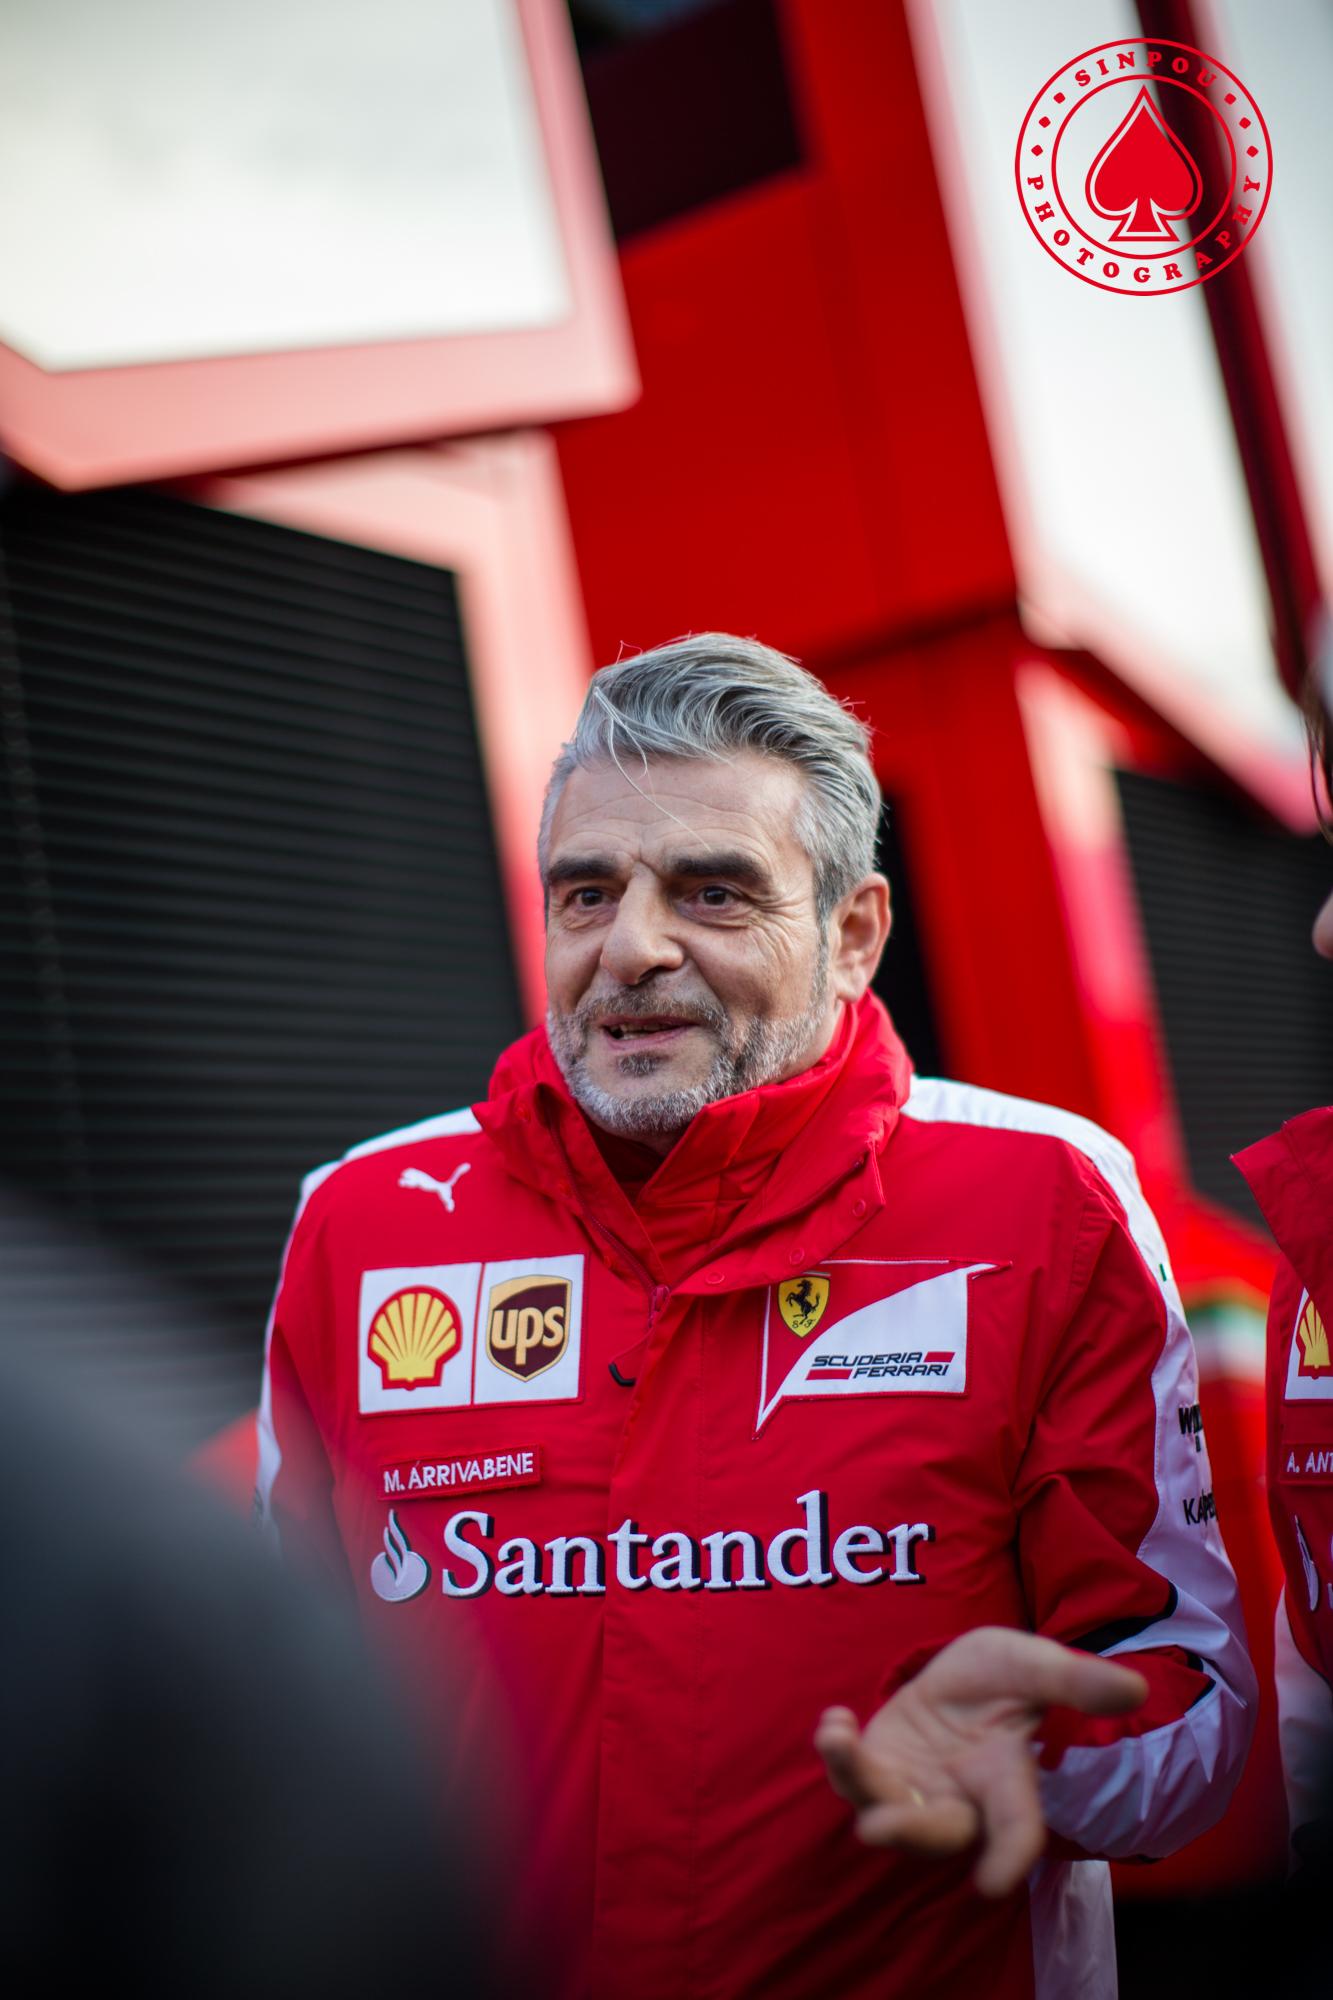 Maurizio Arrivabe - Scuderia Ferrari